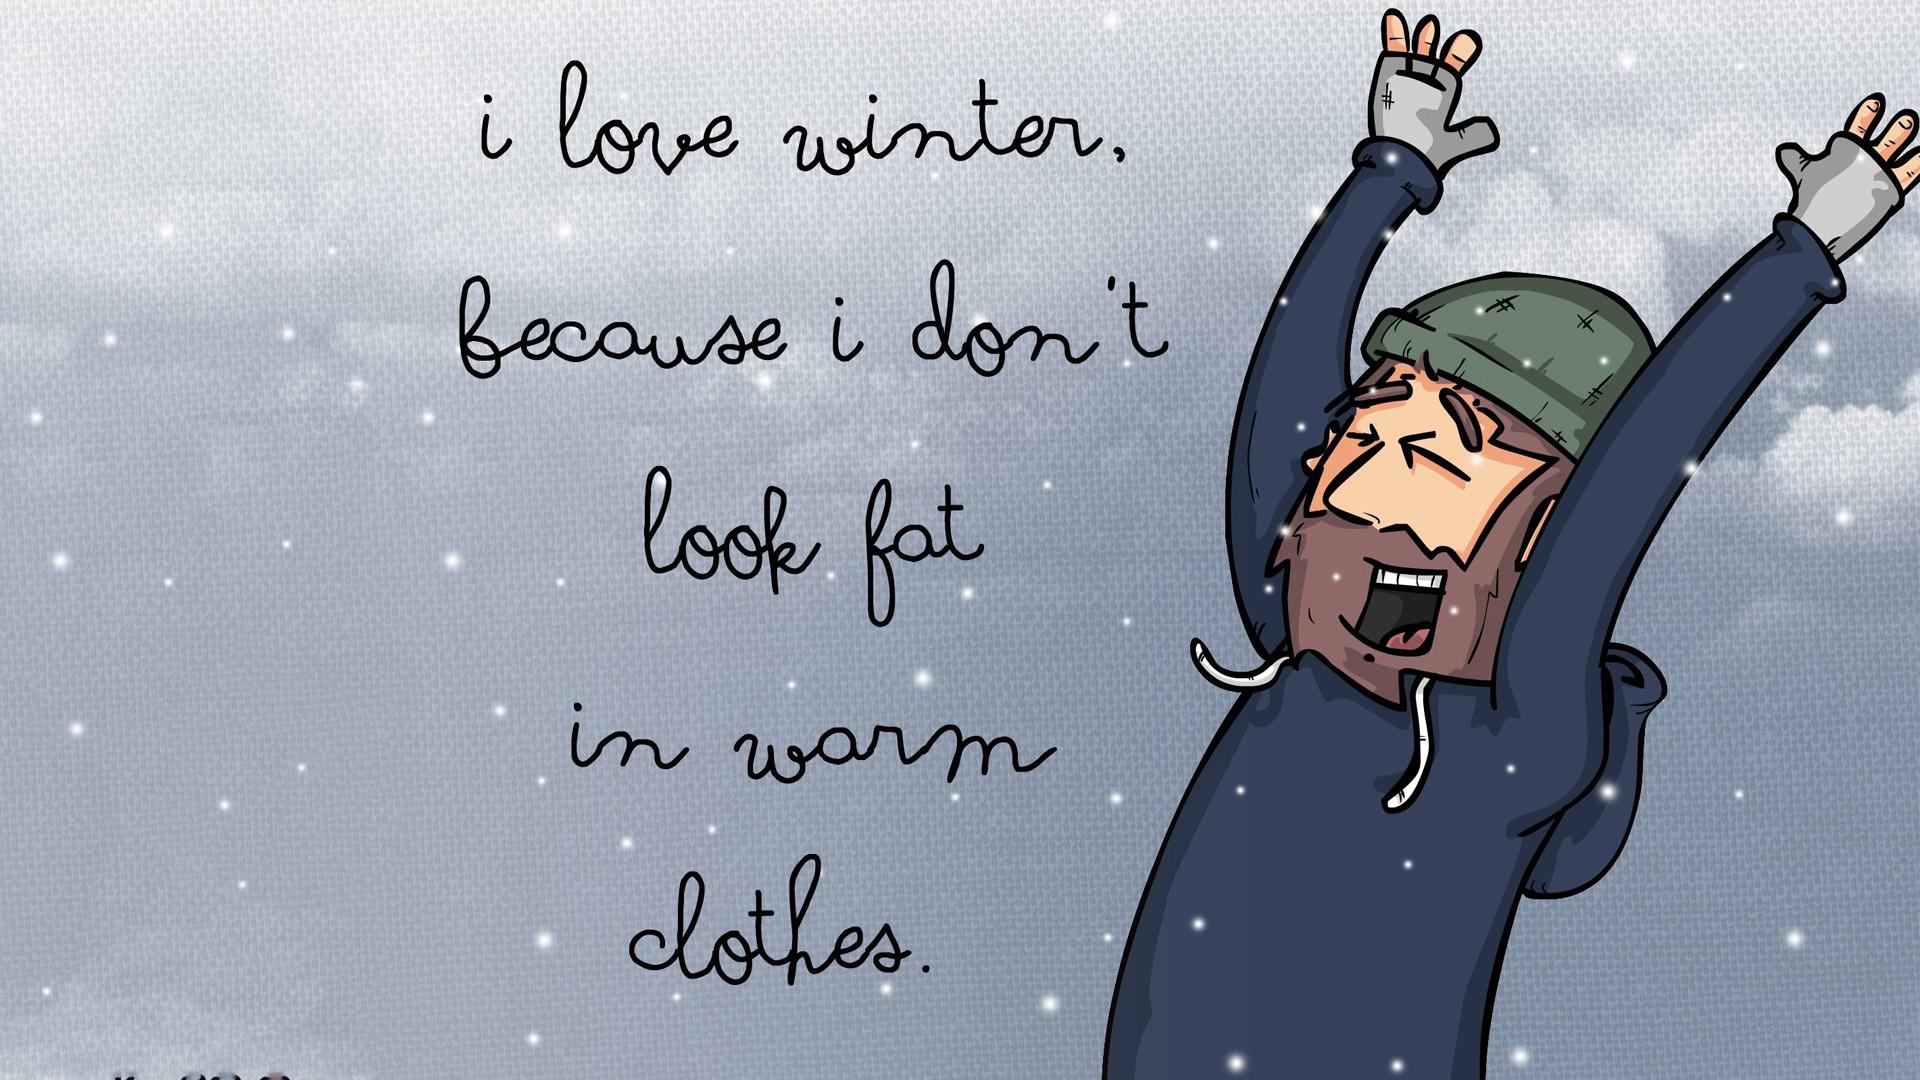 Wallpaper download jokes - Jokes Wallpaper Funny Winter Jokes Hd Wallpaper Background Desktop